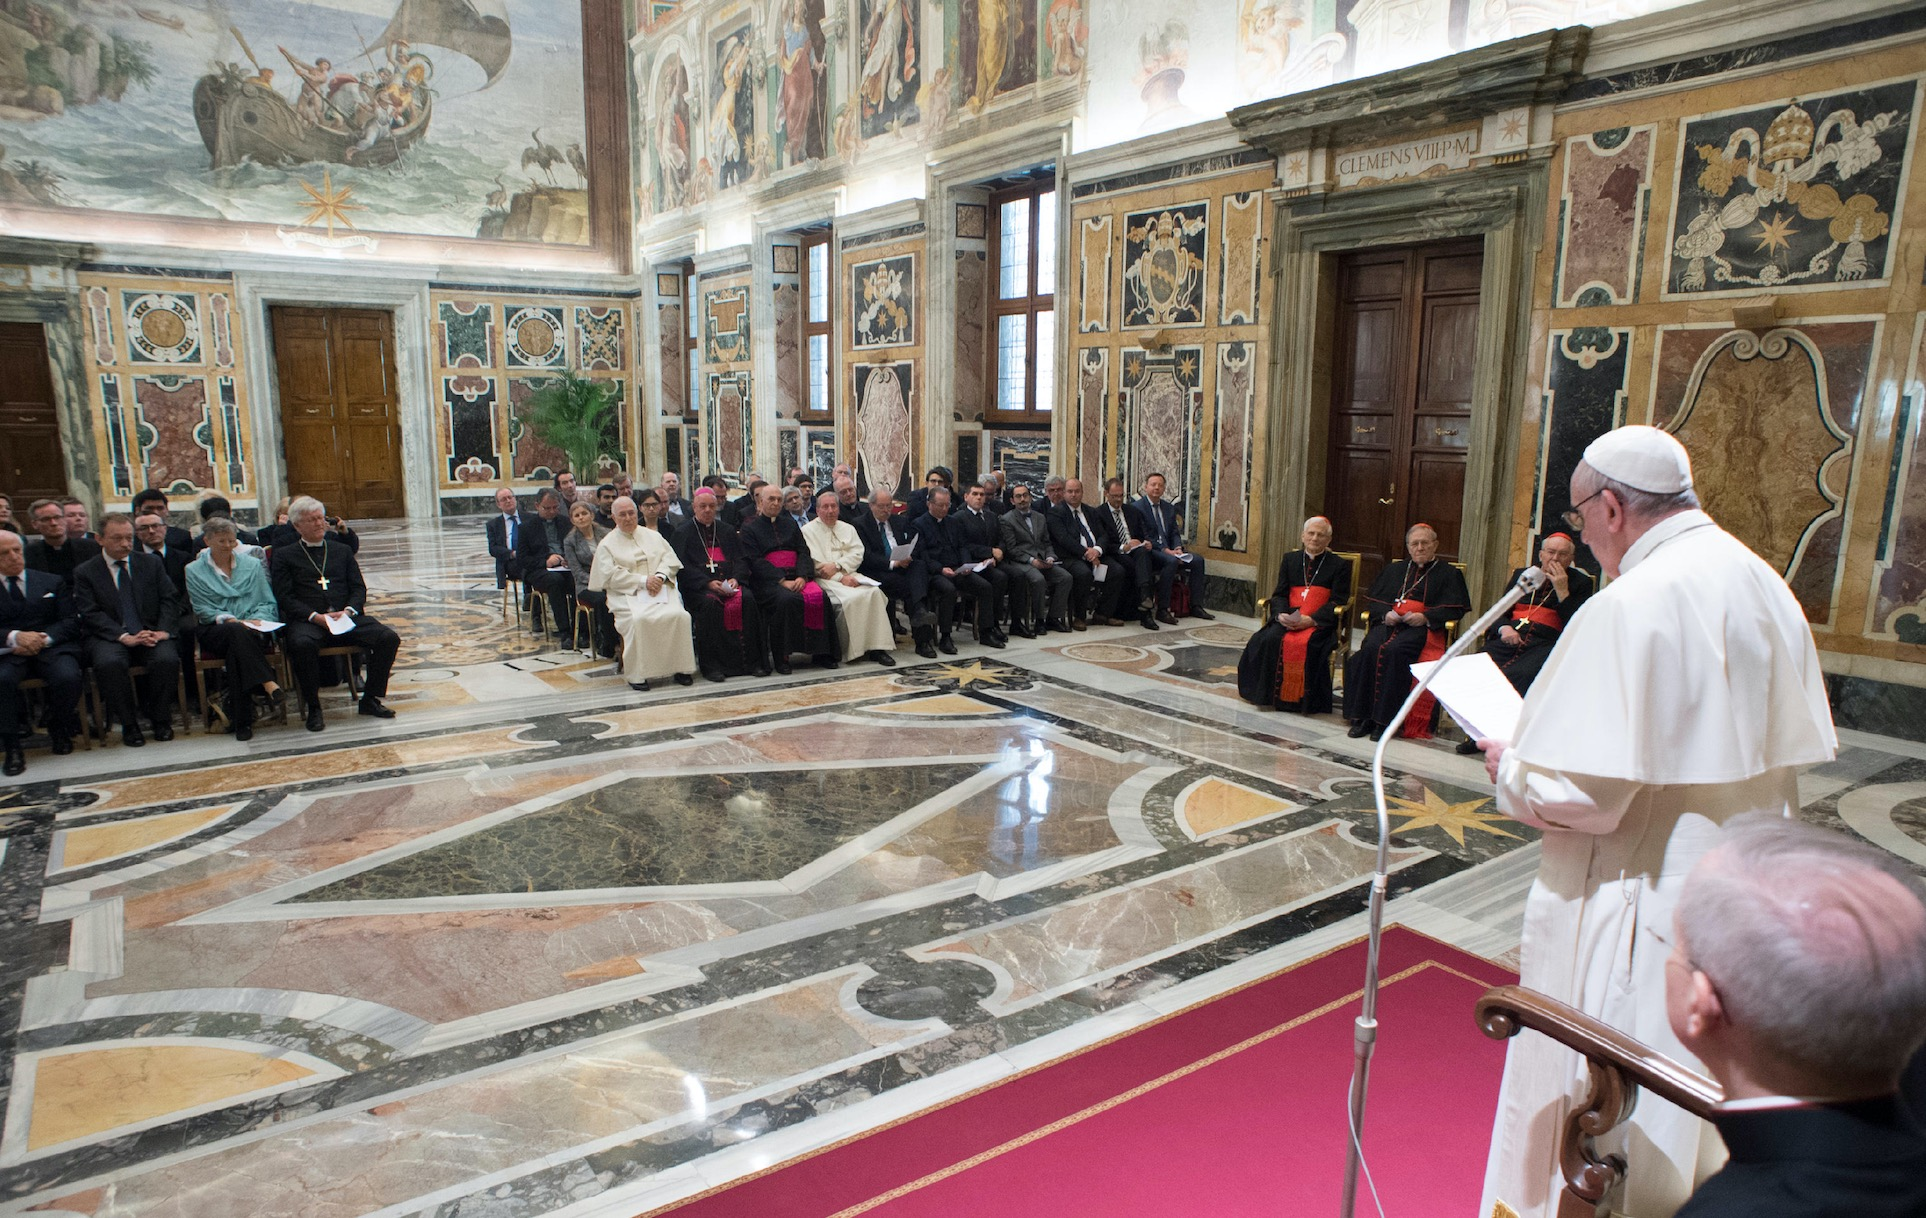 Audiencia al congreso de historiadores sobre la reforma protestante (Osservatore @ Romano)